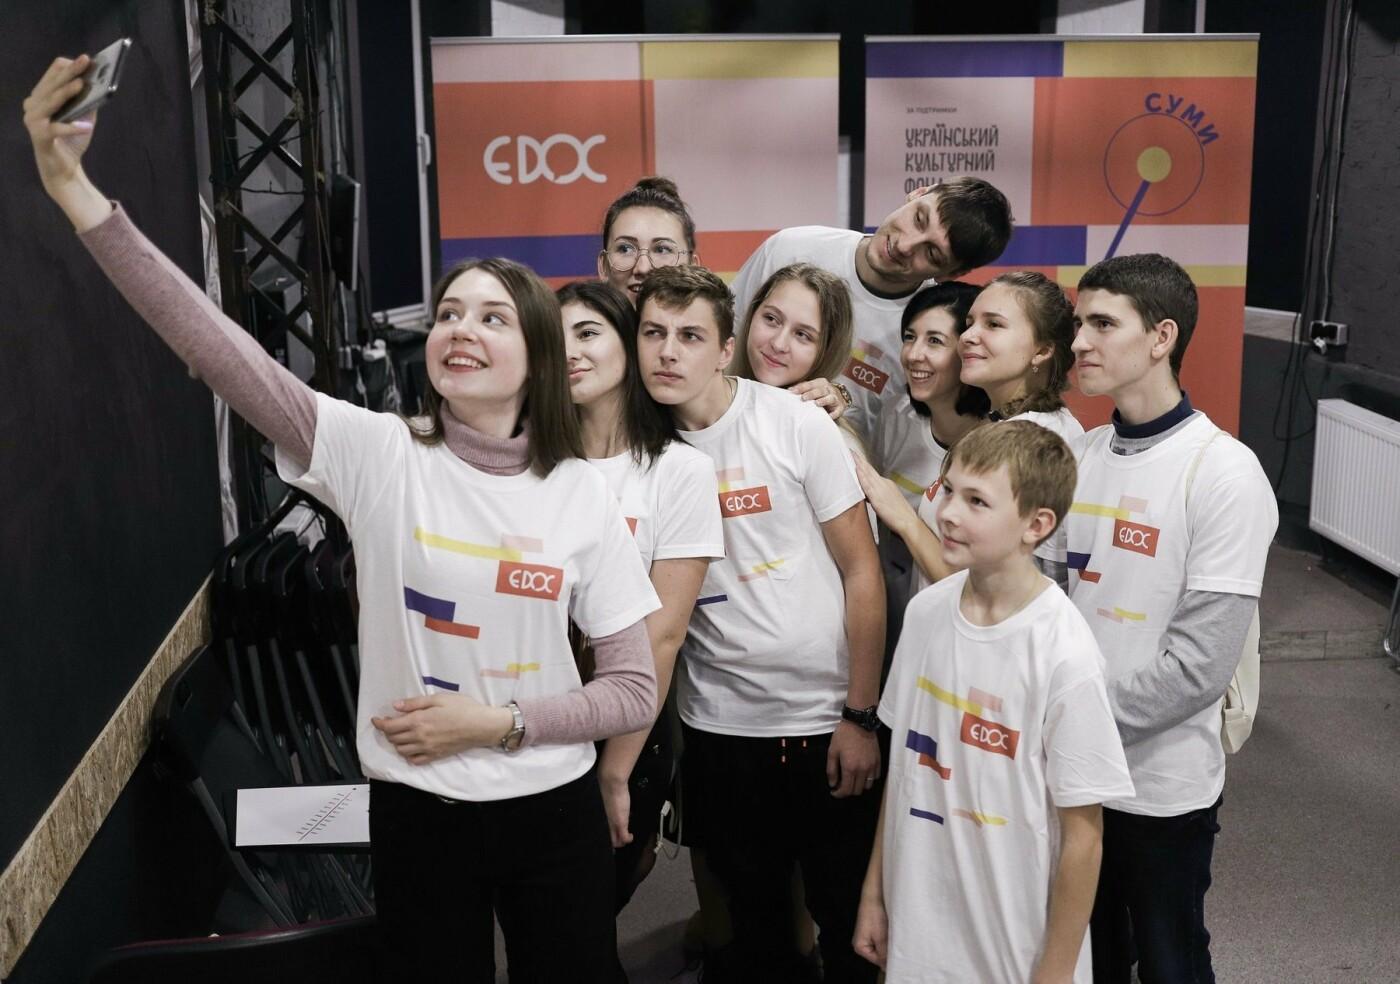 У Сумах пройшов Кіноконкурс для молоді «Є-Док», фото-6